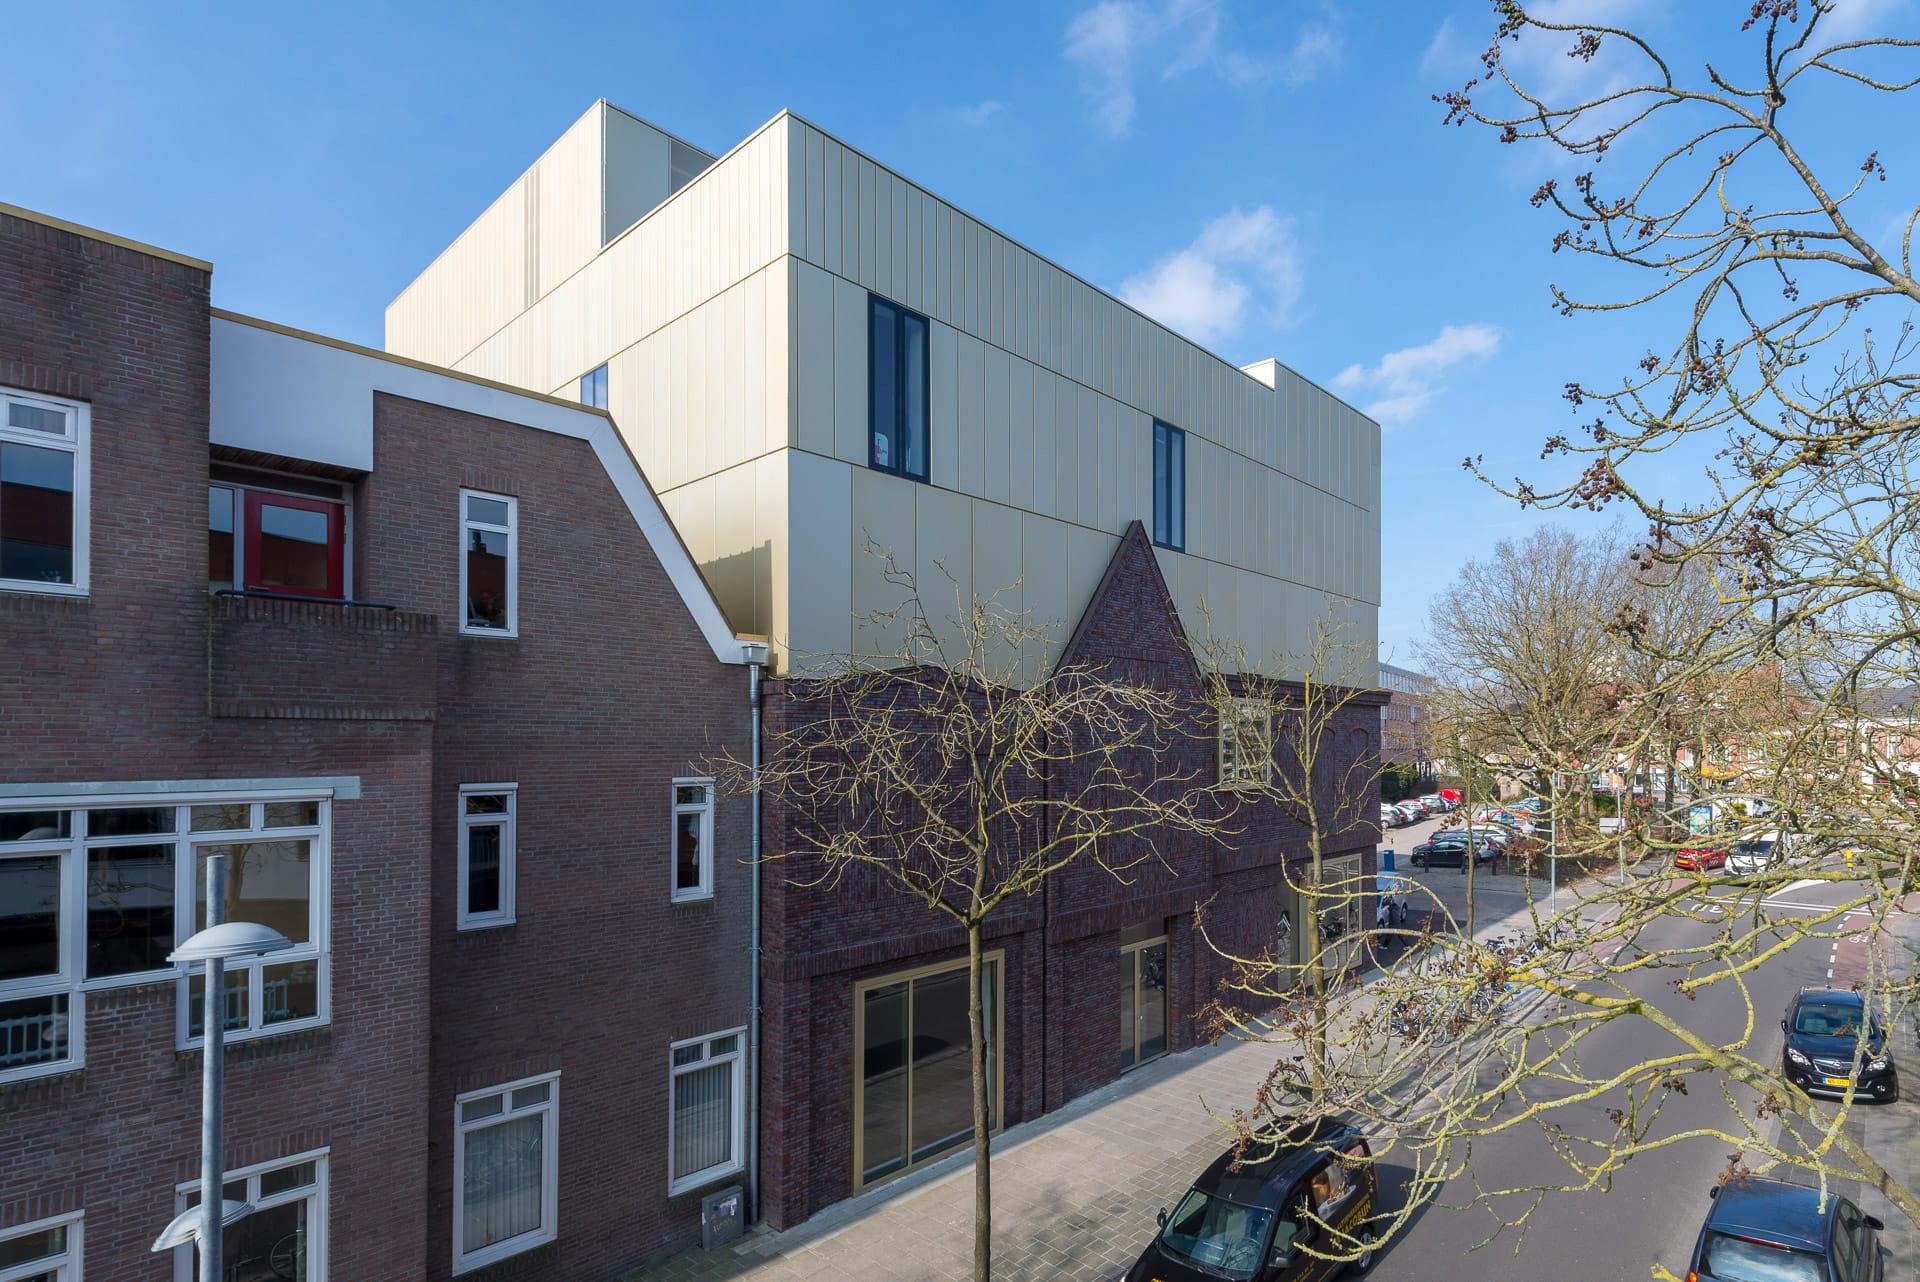 Zijaanzicht van het prins claus consercvatorium in Groningen